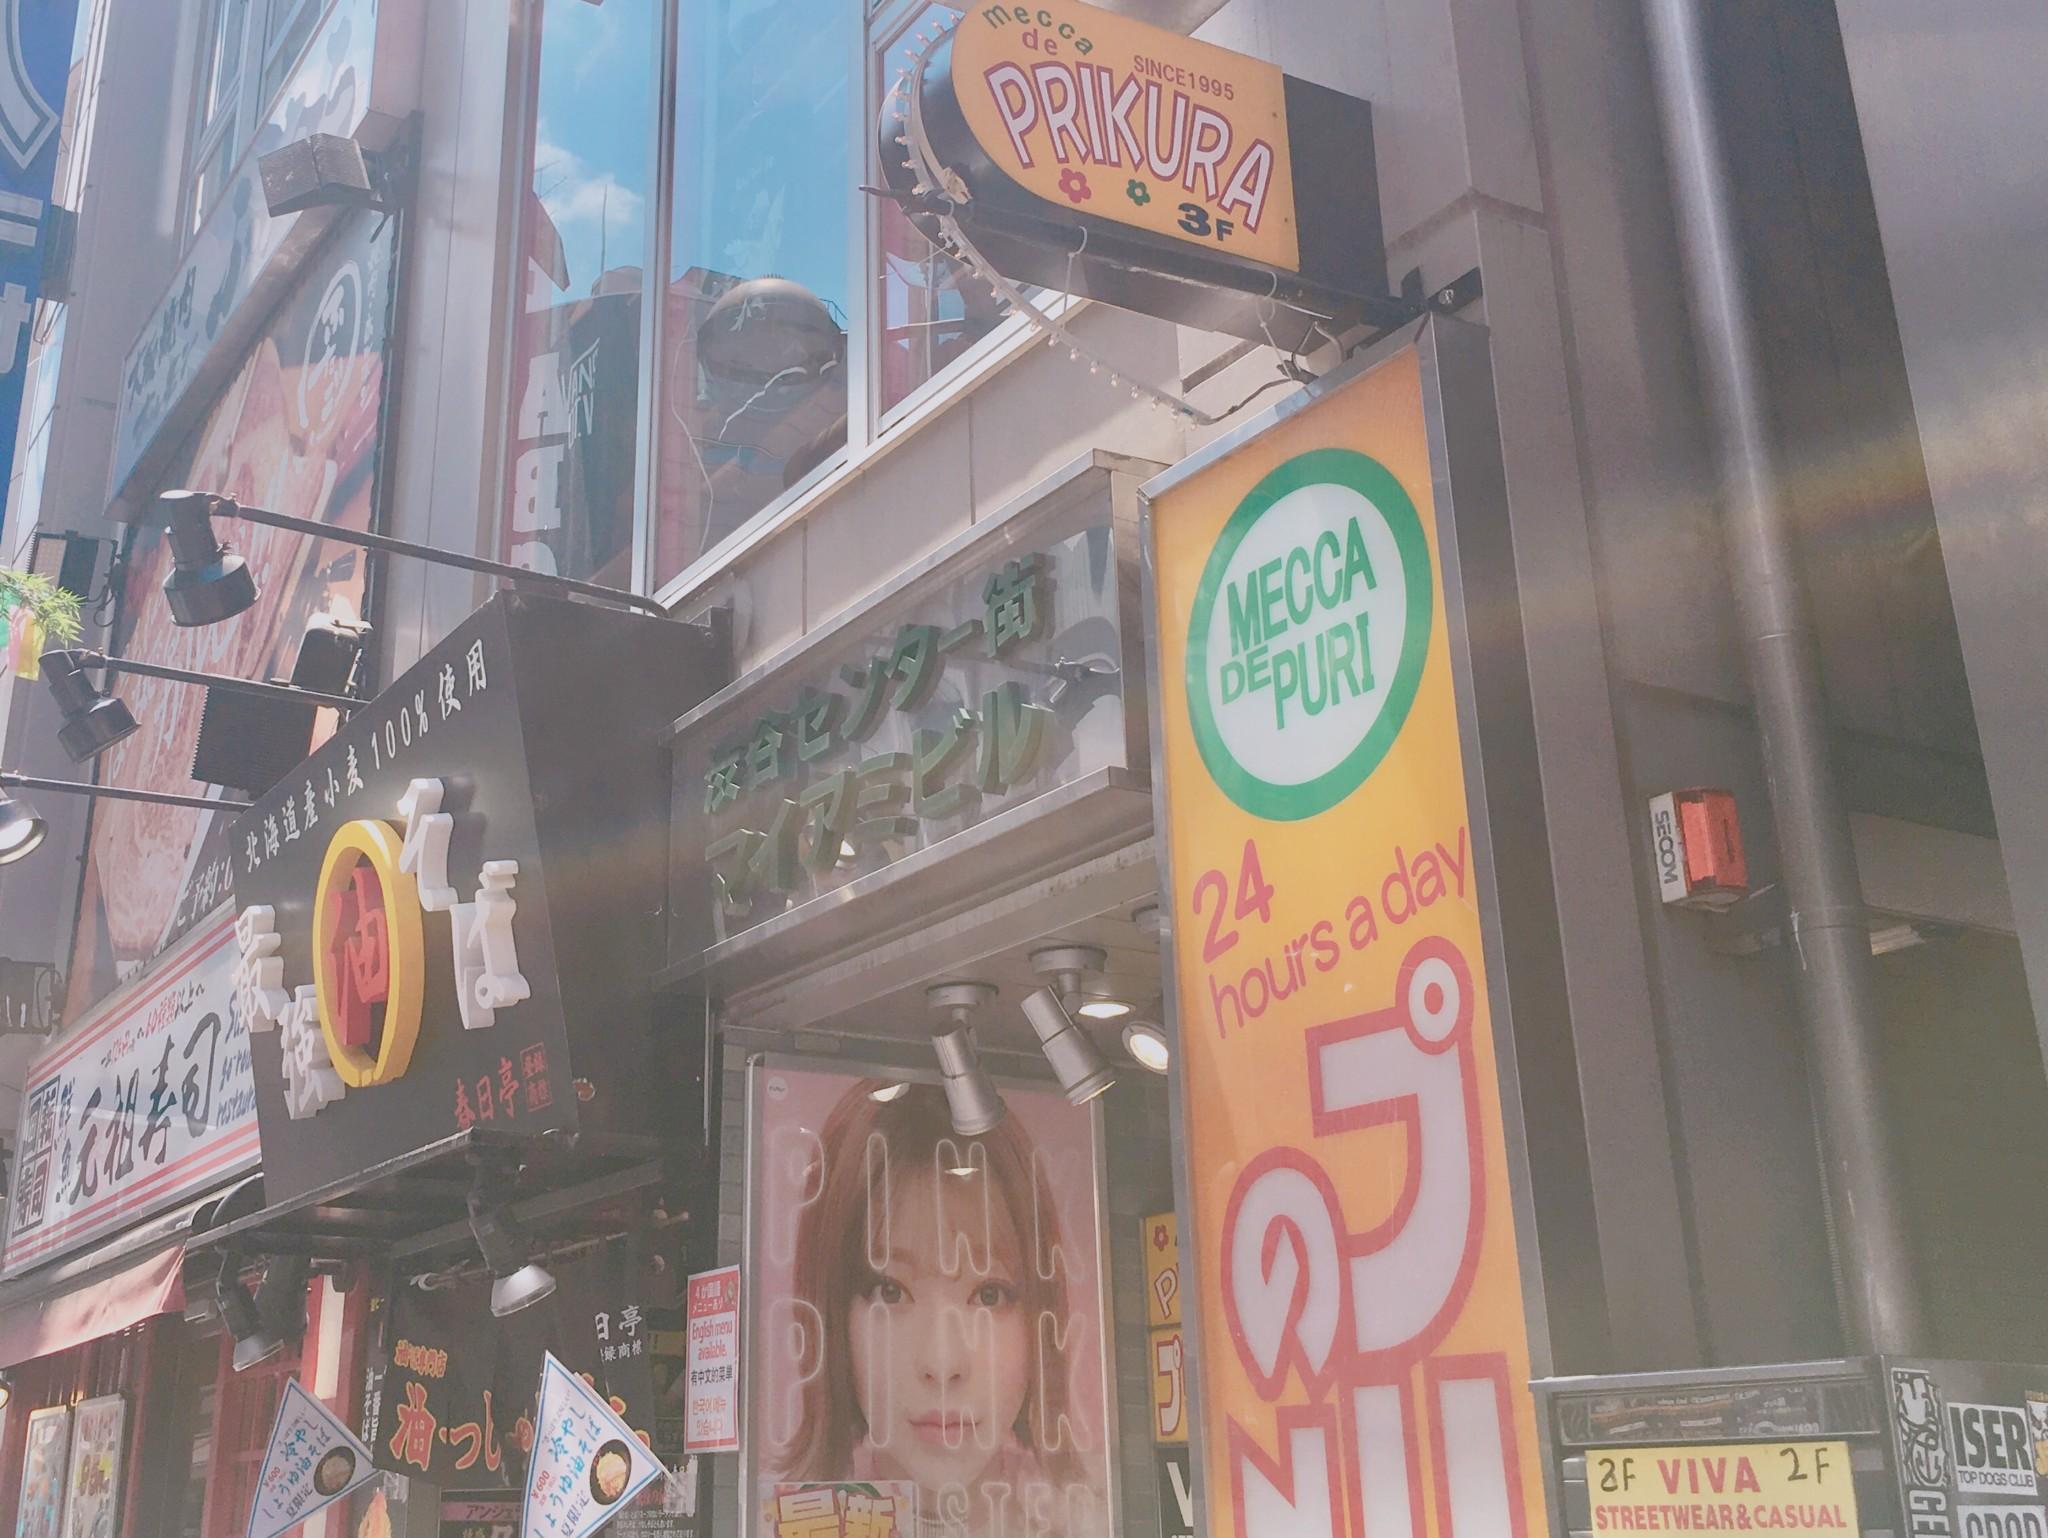 渋谷プリクラが撮れるお店「プリクラのメッカ」1